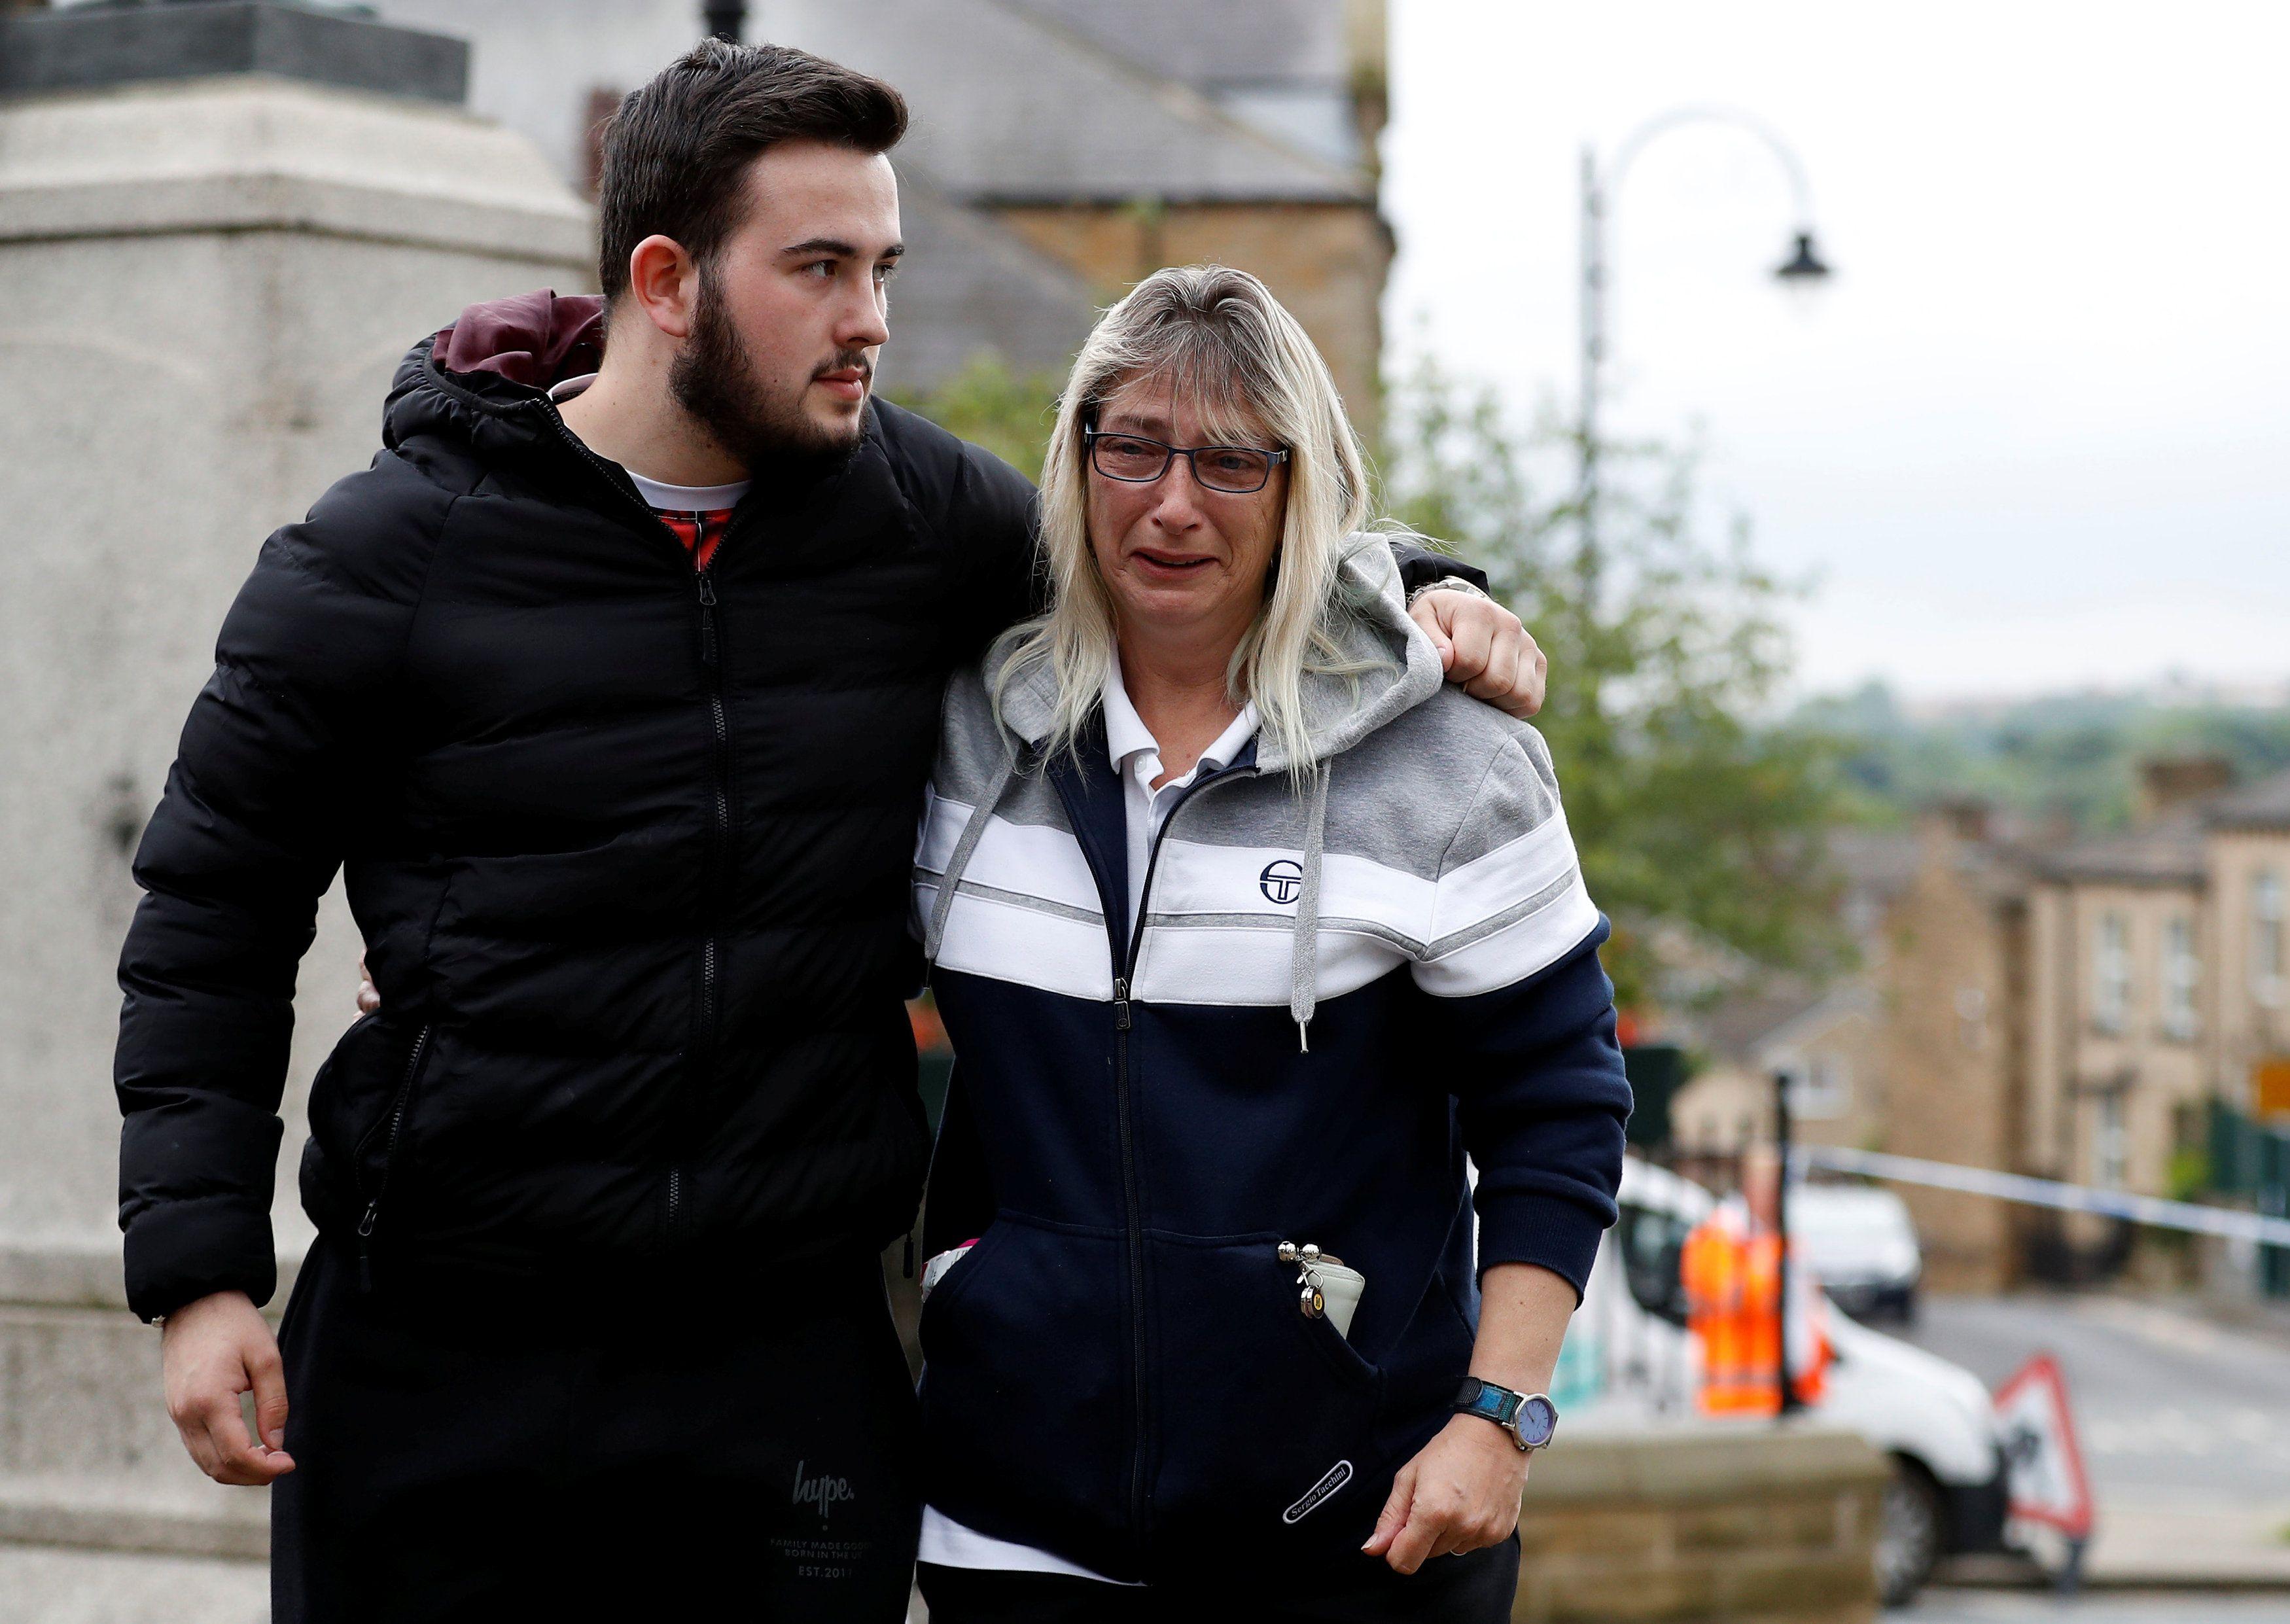 Vražda poslankyně Jo Coxové, která usilovala o setrvání Británie v Evropské unii, je podle britského premiéra Davida Camerona tragédií. Předseda labouristů Jeremy Corbyn označil čin za ohavný. Podle manžela poslankyně Brendana Coxe by jeho žena nyní chtěla, aby se všichni spojili proti nenávisti, která ji zabila.